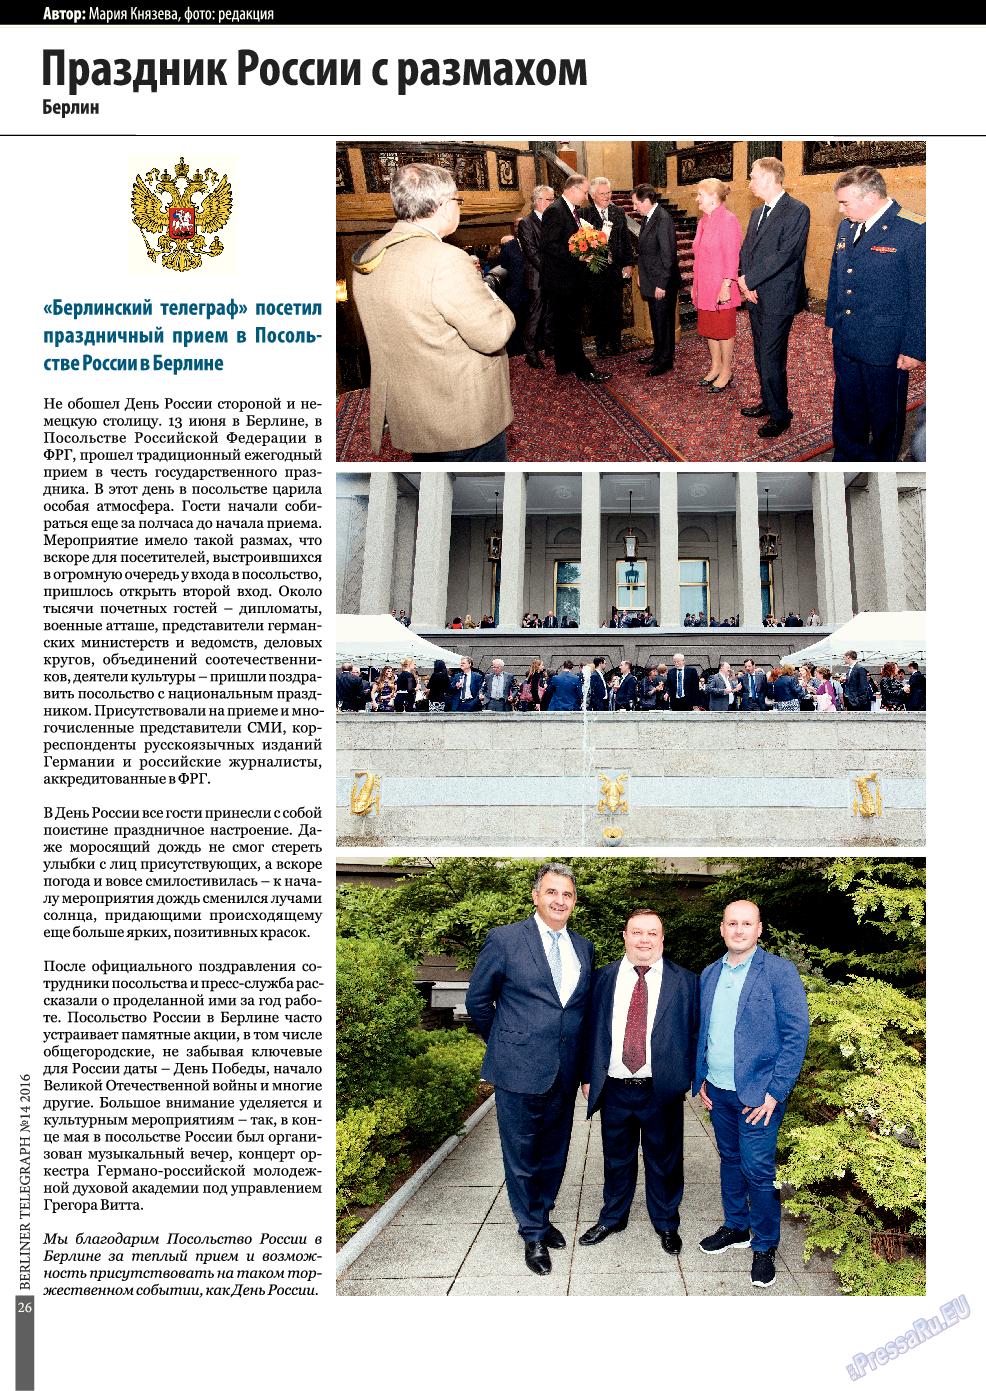 Берлинский телеграф (журнал). 2016 год, номер 14, стр. 26